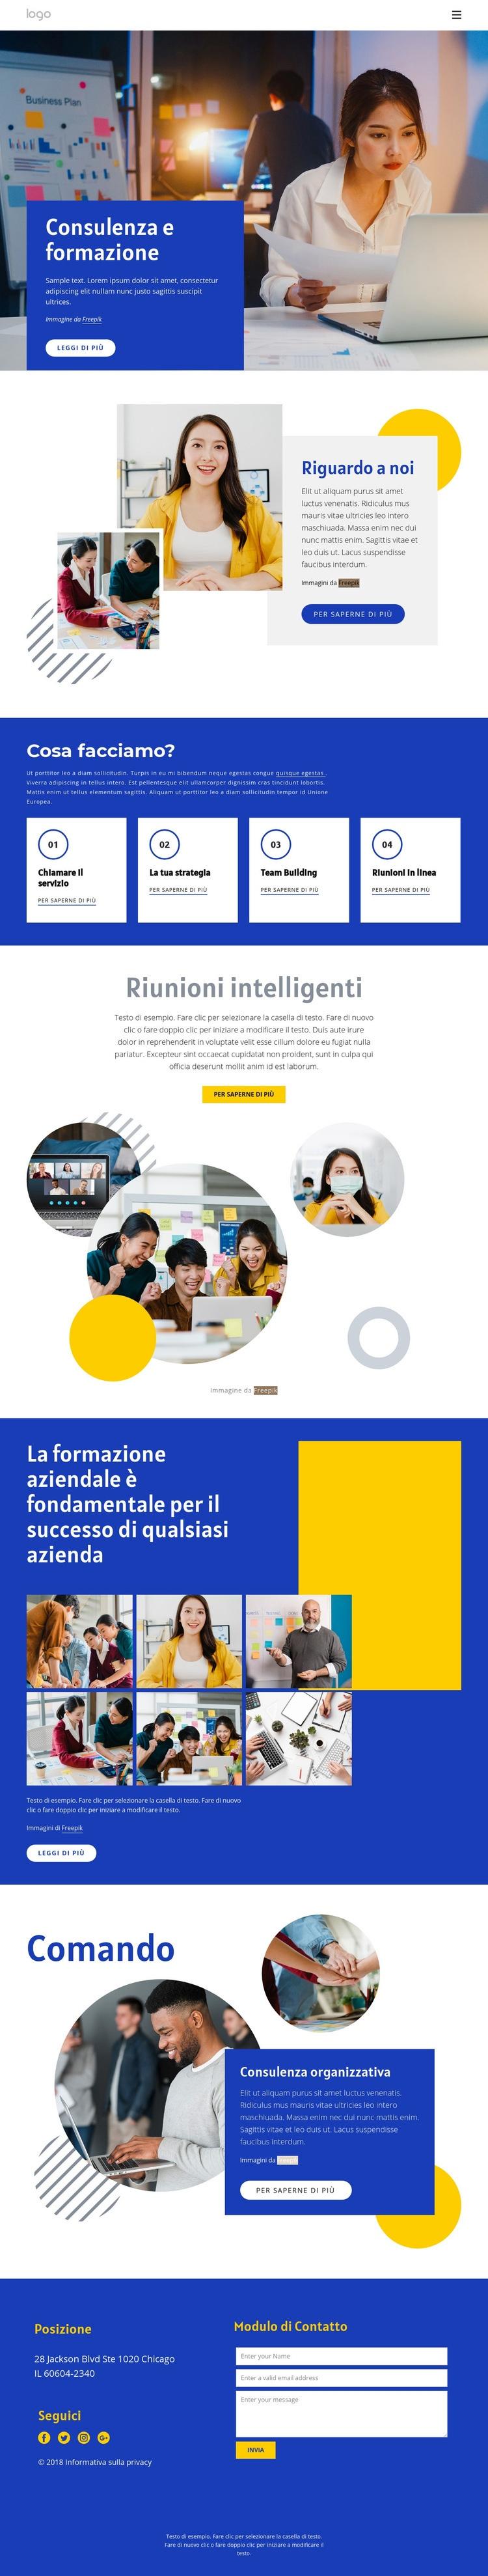 Consulenza e formazione Modello di sito Web